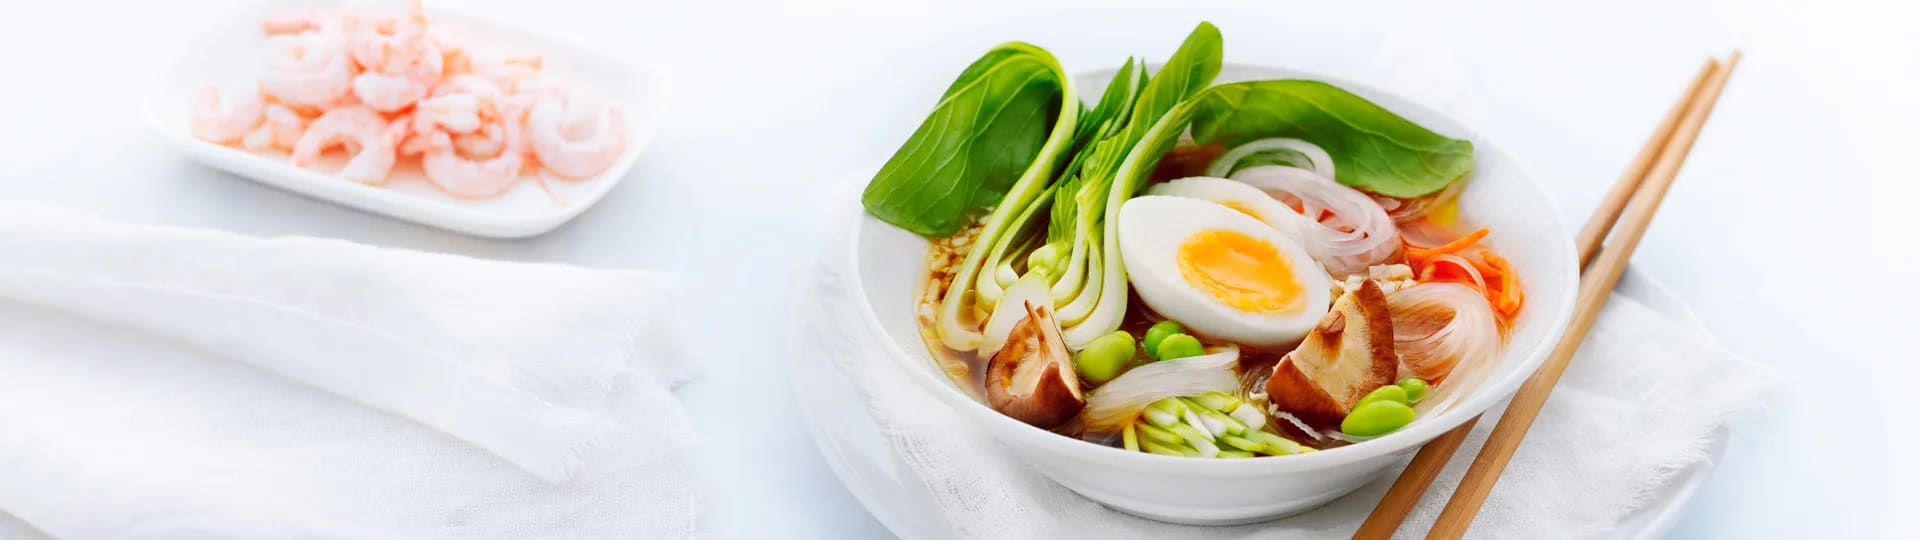 koppla upp middagKristen dejtingsajt Perth